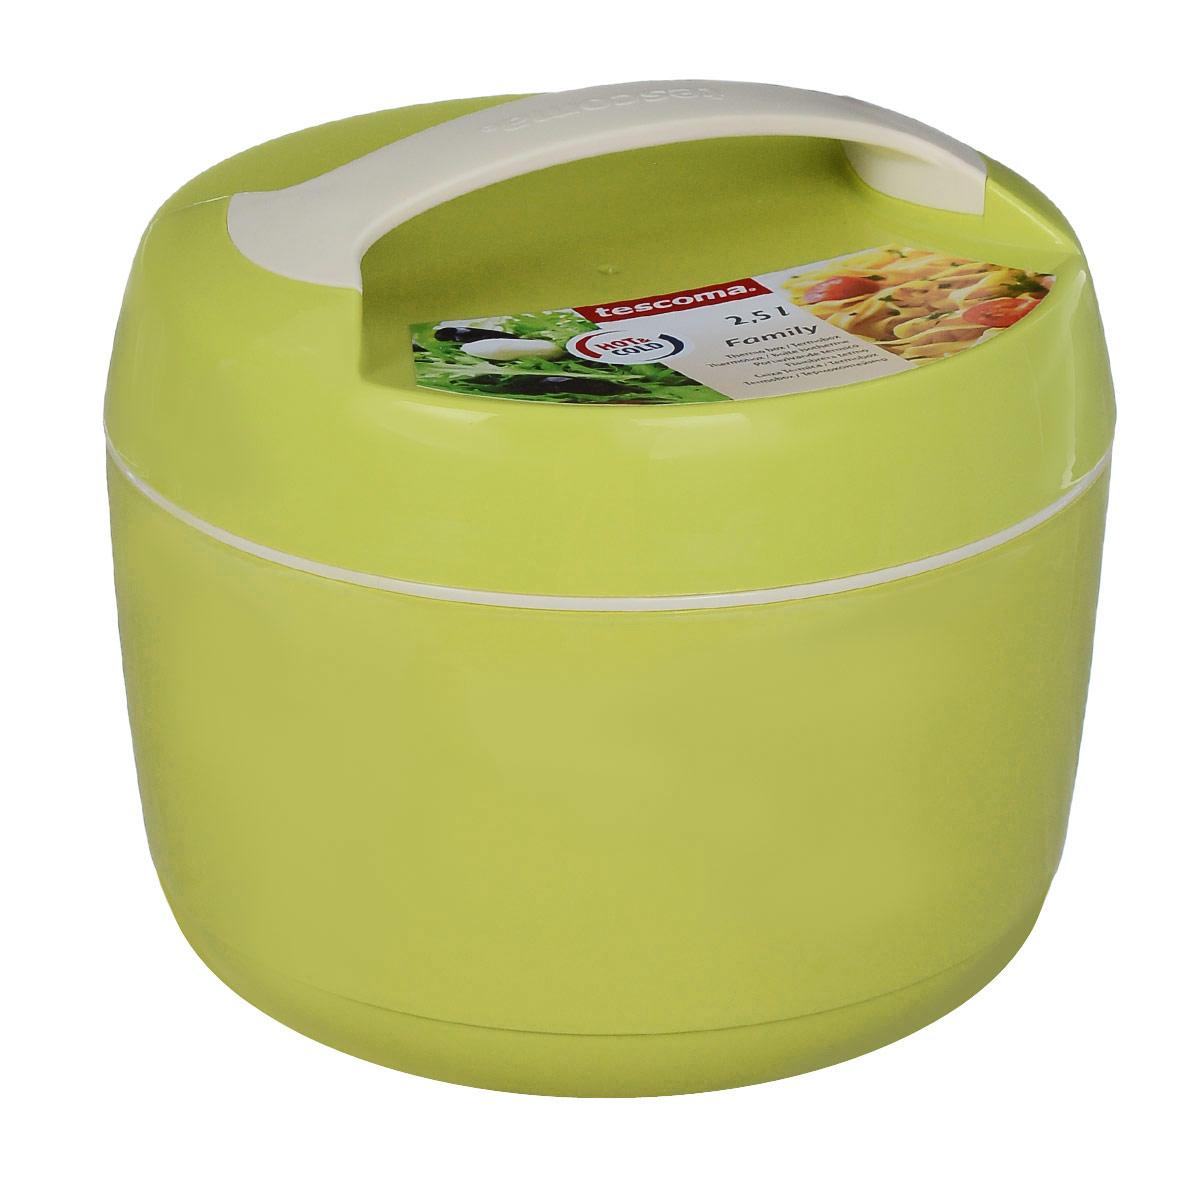 Термоконтейнер Tescoma Family, цвет: салатовый, 2,5 л310541 салатовыйТермоконтейнер Tescoma Family изготовлен из высококачественного пищевого пластика. Прекрасно подходит для длительного хранения и переноски теплой и холодной пищи. Двойные стенки контейнера с высокоэффективным теплоизоляционным заполнением сохраняют пищу теплой или холодной в течение нескольких часов. При обычном использовании контейнер не бьющийся. Крышка плотно и удобно закручивается. Для комфортной переноски предусмотрена ручка. В комплекте имеется специальная емкость объемом 1 л для отдельного хранения закусок и гарнира. Емкость удобно помещается внутрь контейнера. Контейнер нельзя мыть в посудомоечной машине, пластиковая емкость с крышкой пригодна для мытья в посудомоечной машине. Объем контейнера: 2,5 л. Диаметр контейнера: 22 см. Высота контейнера: 17 см. Объем емкости: 1 л. Диаметр емкости: 19 см. Высота стенки емкости: 4,5 см.